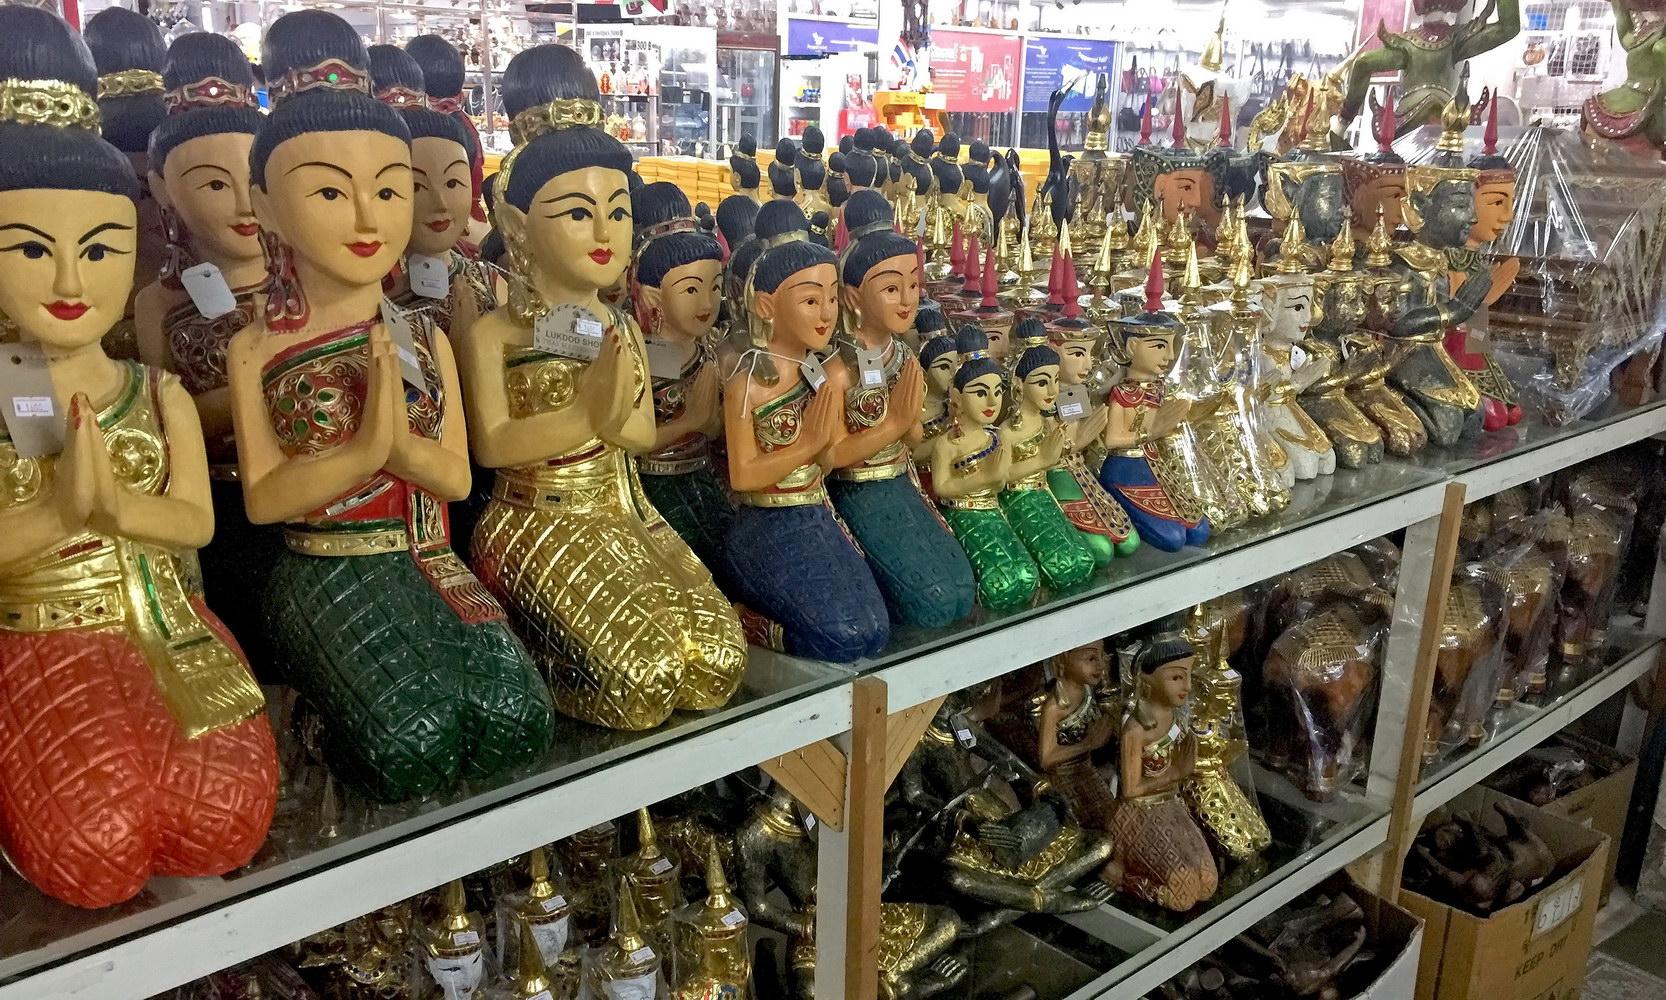 Geschenke und reiseandenken in Pattaya Lookdot